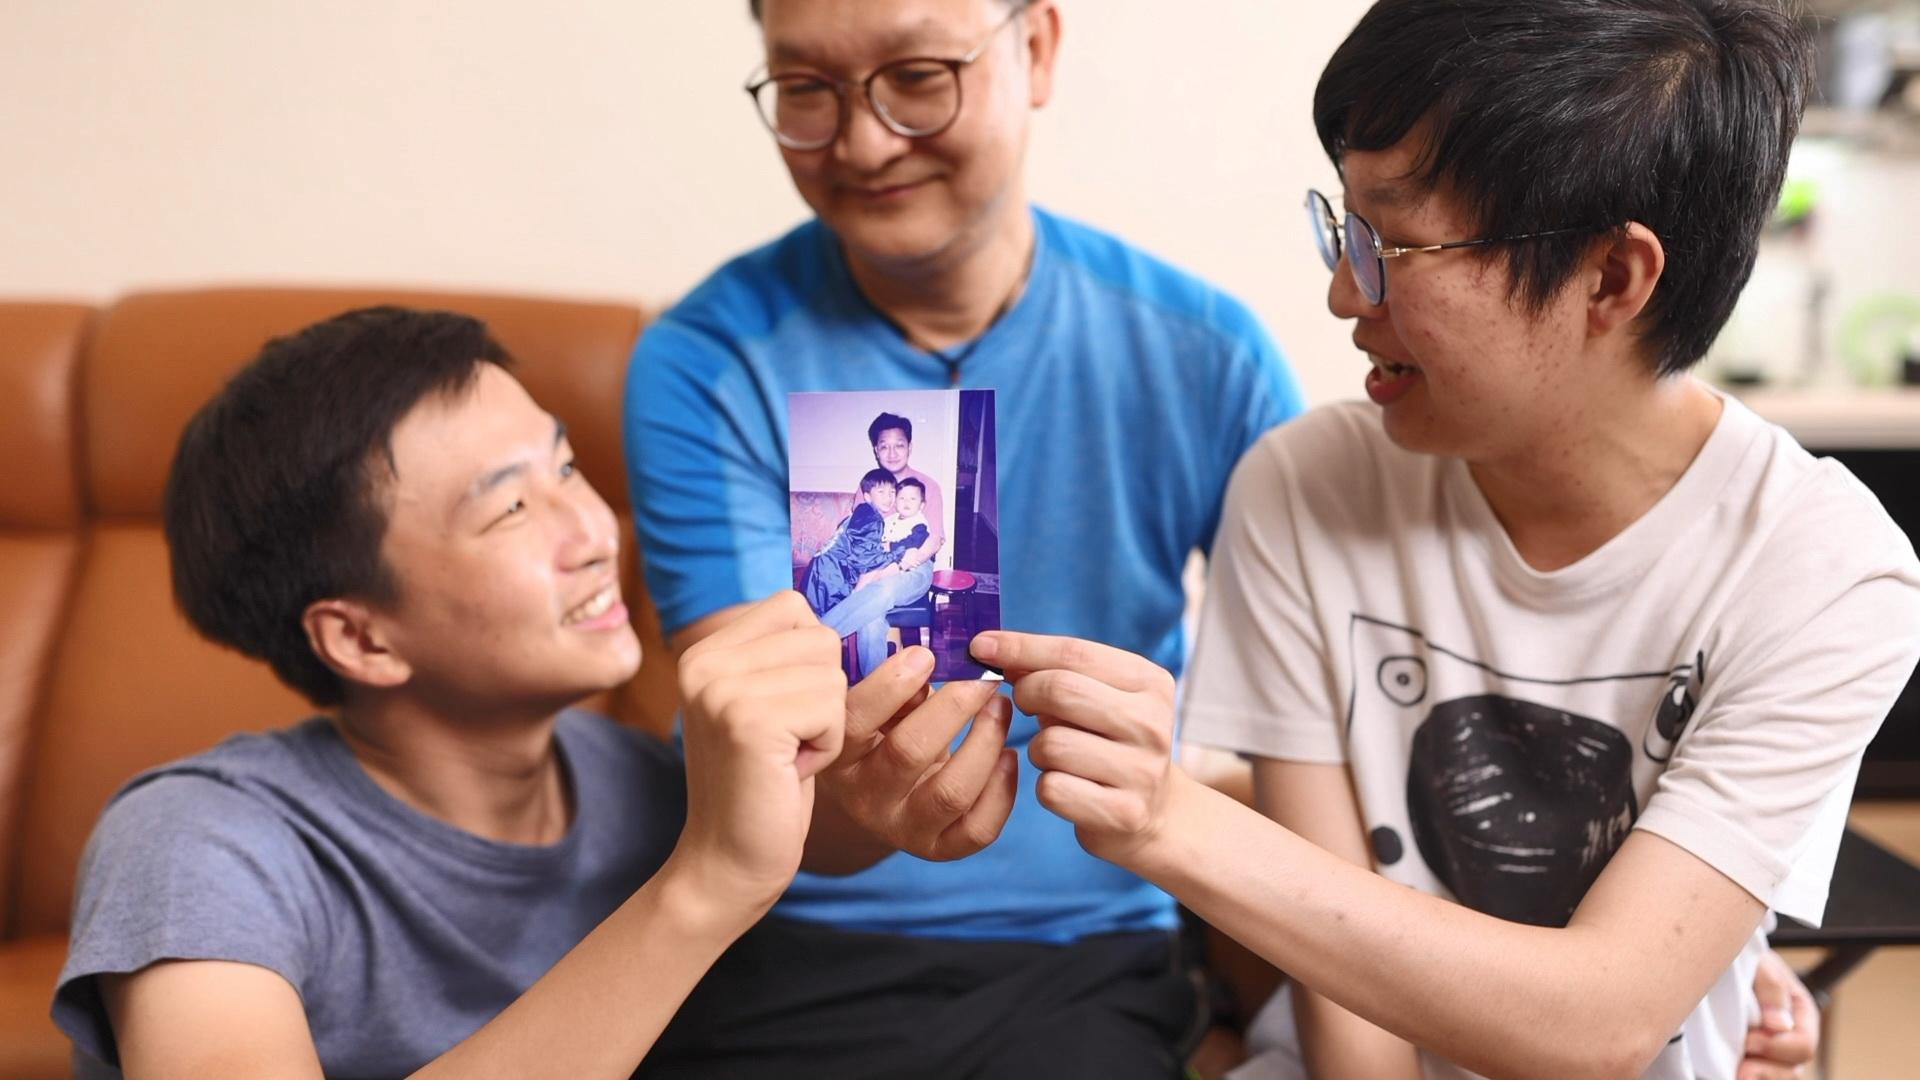 Love Papa 最佳的父親節禮物 | 愛要及時,一句愛你,永不過時